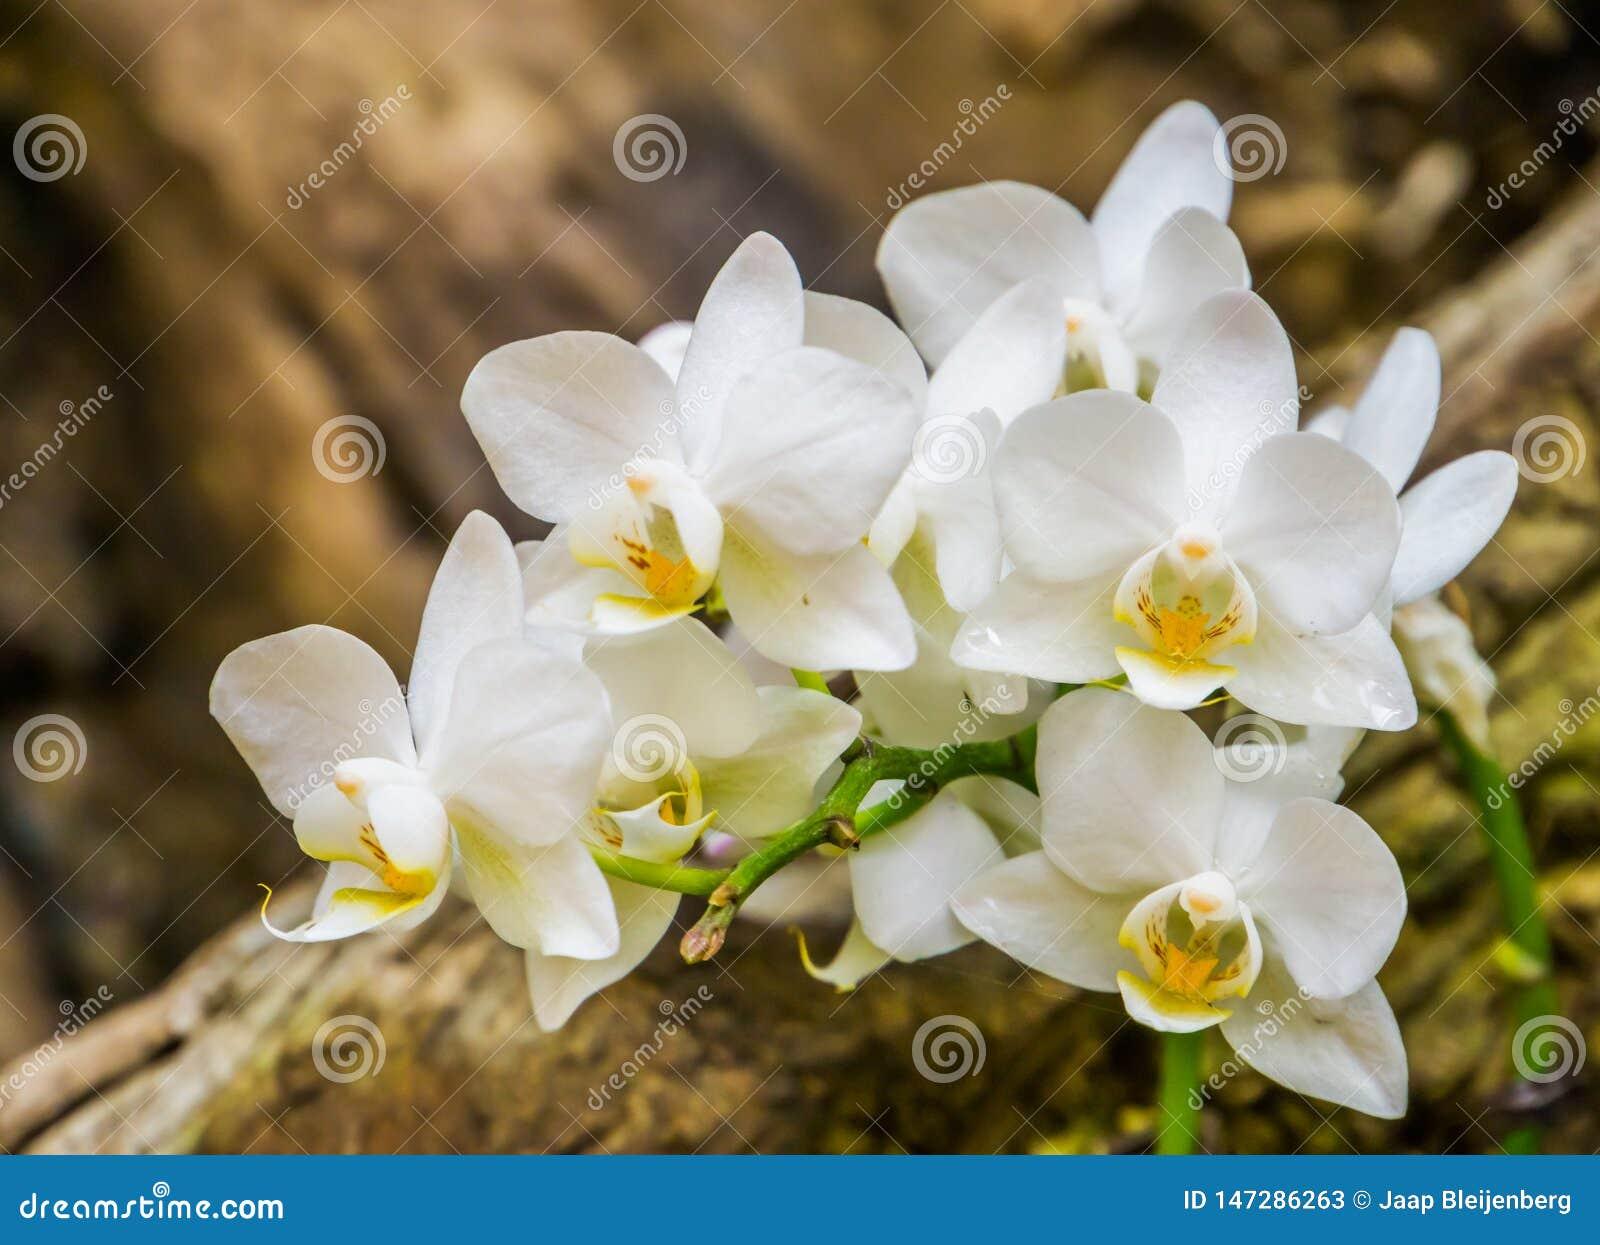 Όμορφη άσπρη ανάπτυξη λουλουδιών ορχιδεών σκώρων σε ένα δέντρο στην κινηματογράφηση σε πρώτο πλάνο, δημοφιλή λουλούδια από την Ασ